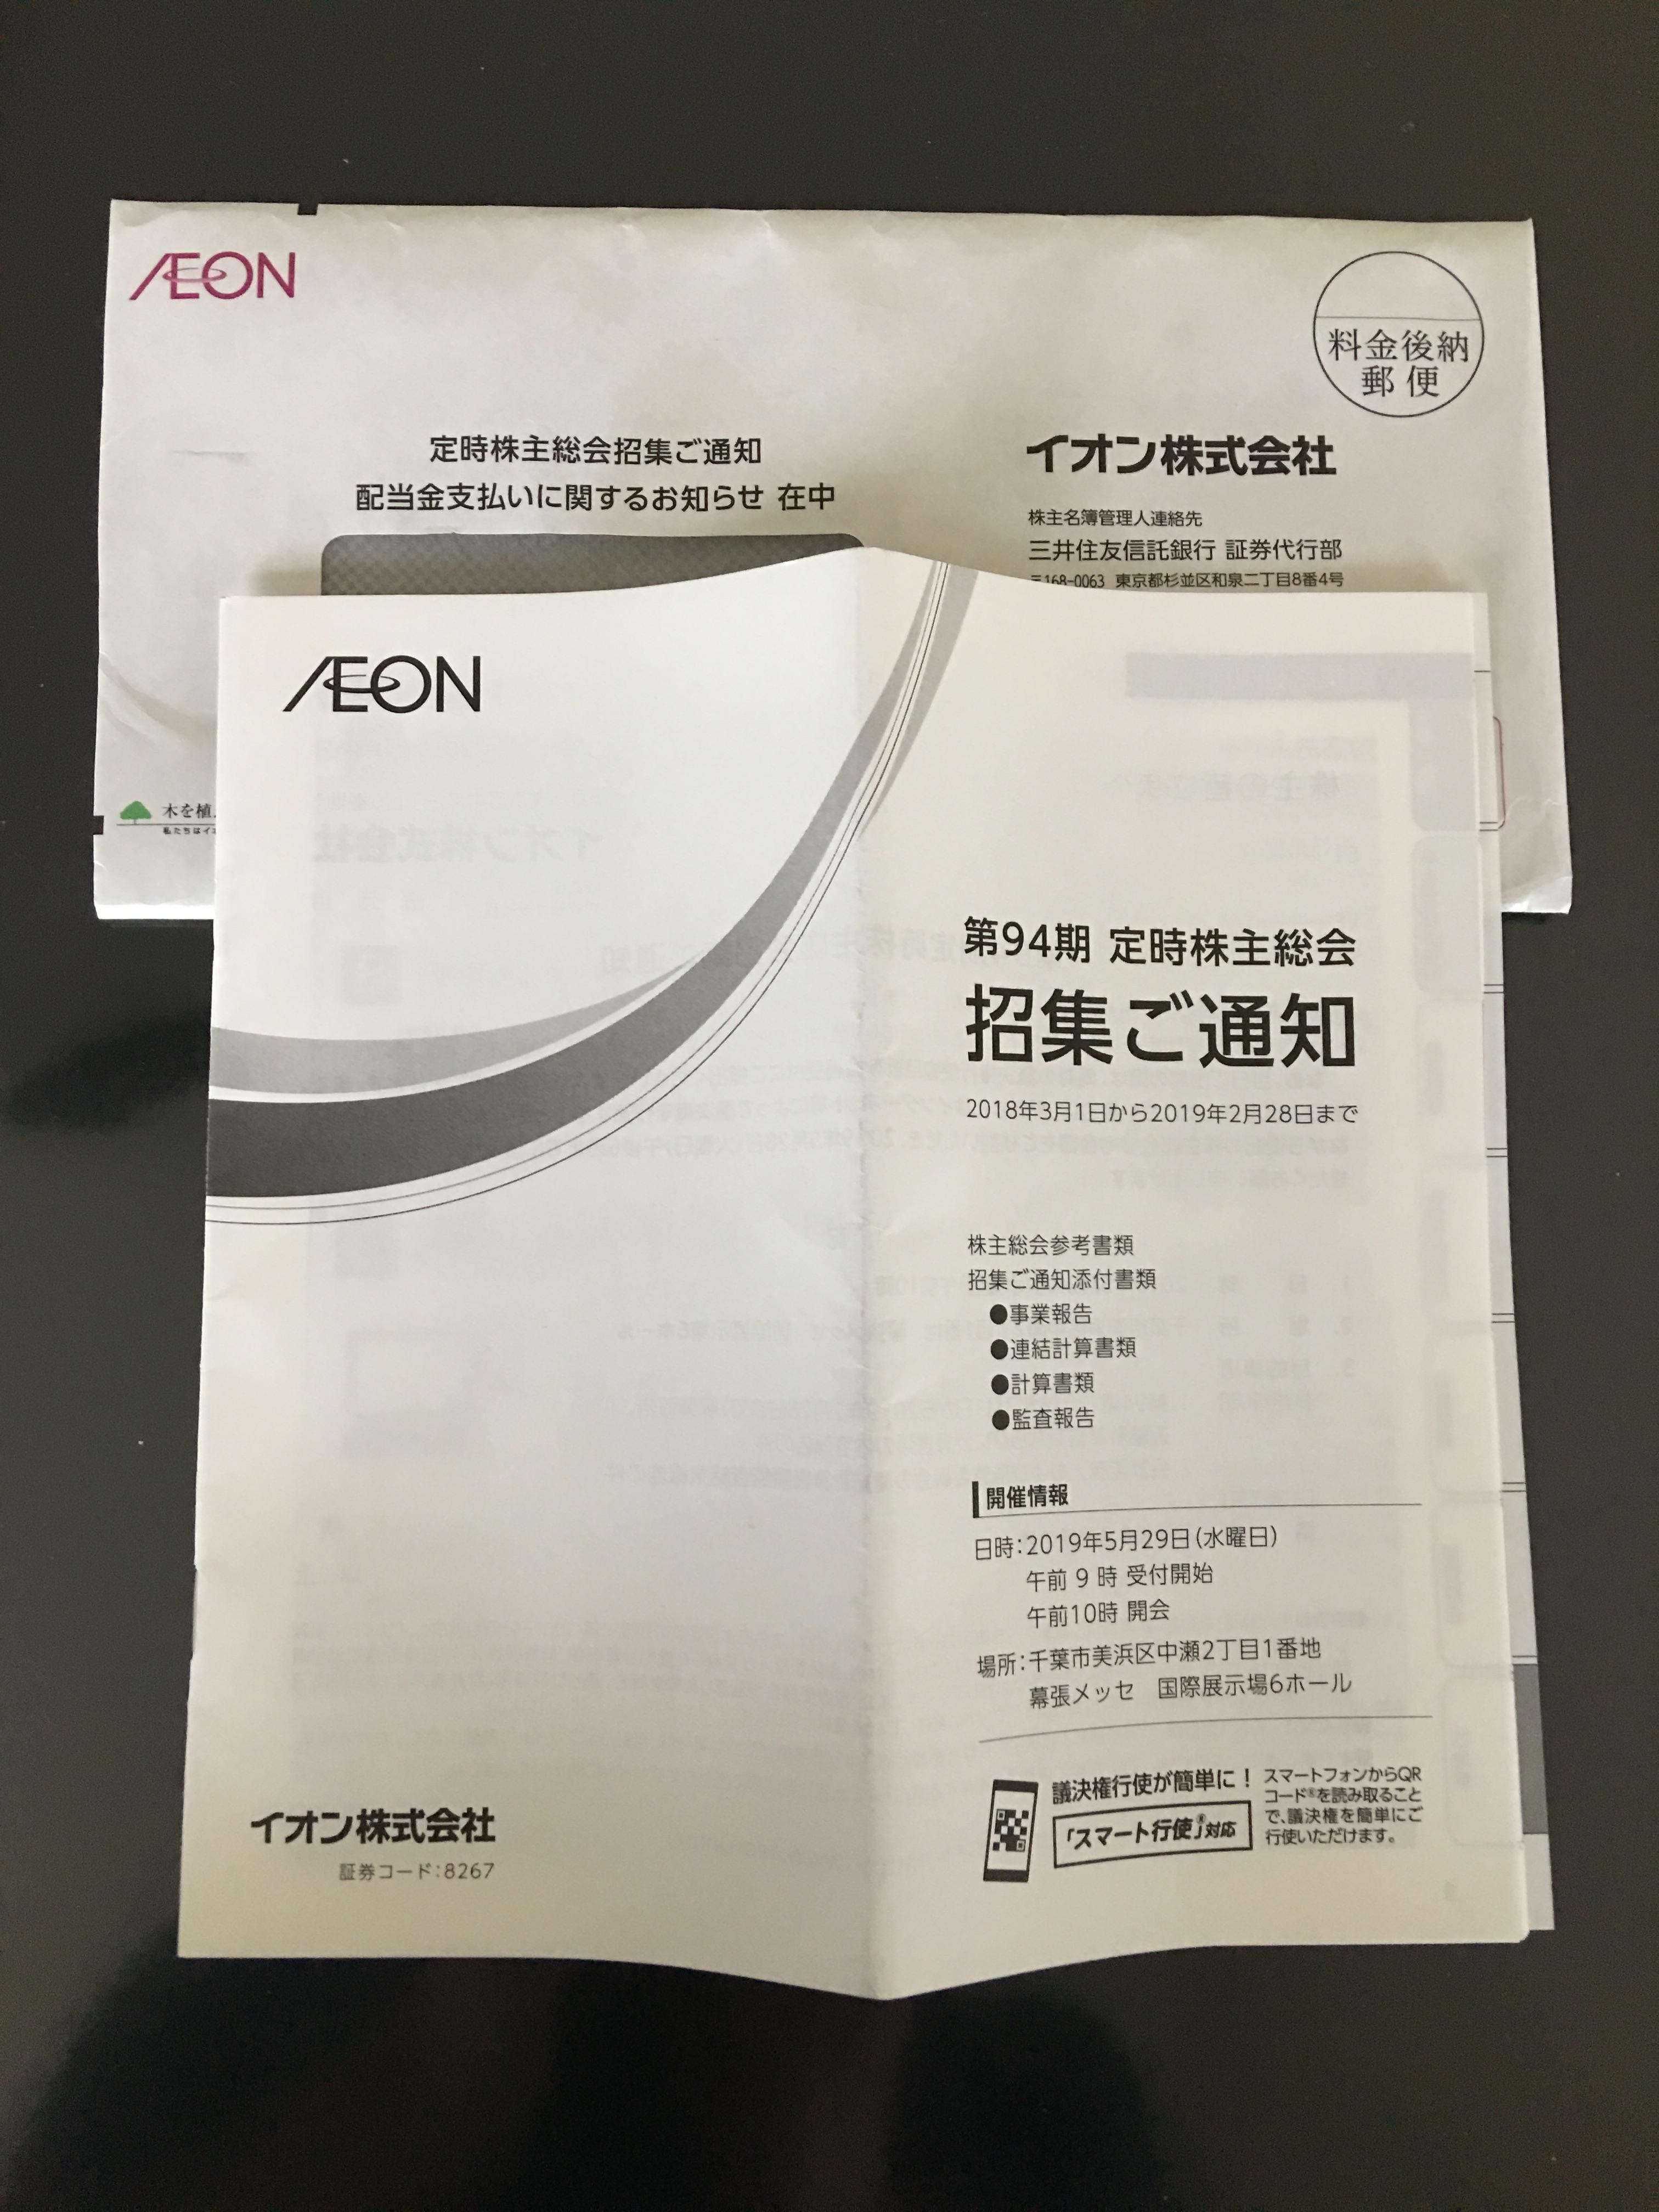 【2019年5月】イオンの配当金計算書が届いた!1,700円ゲットだぜ!